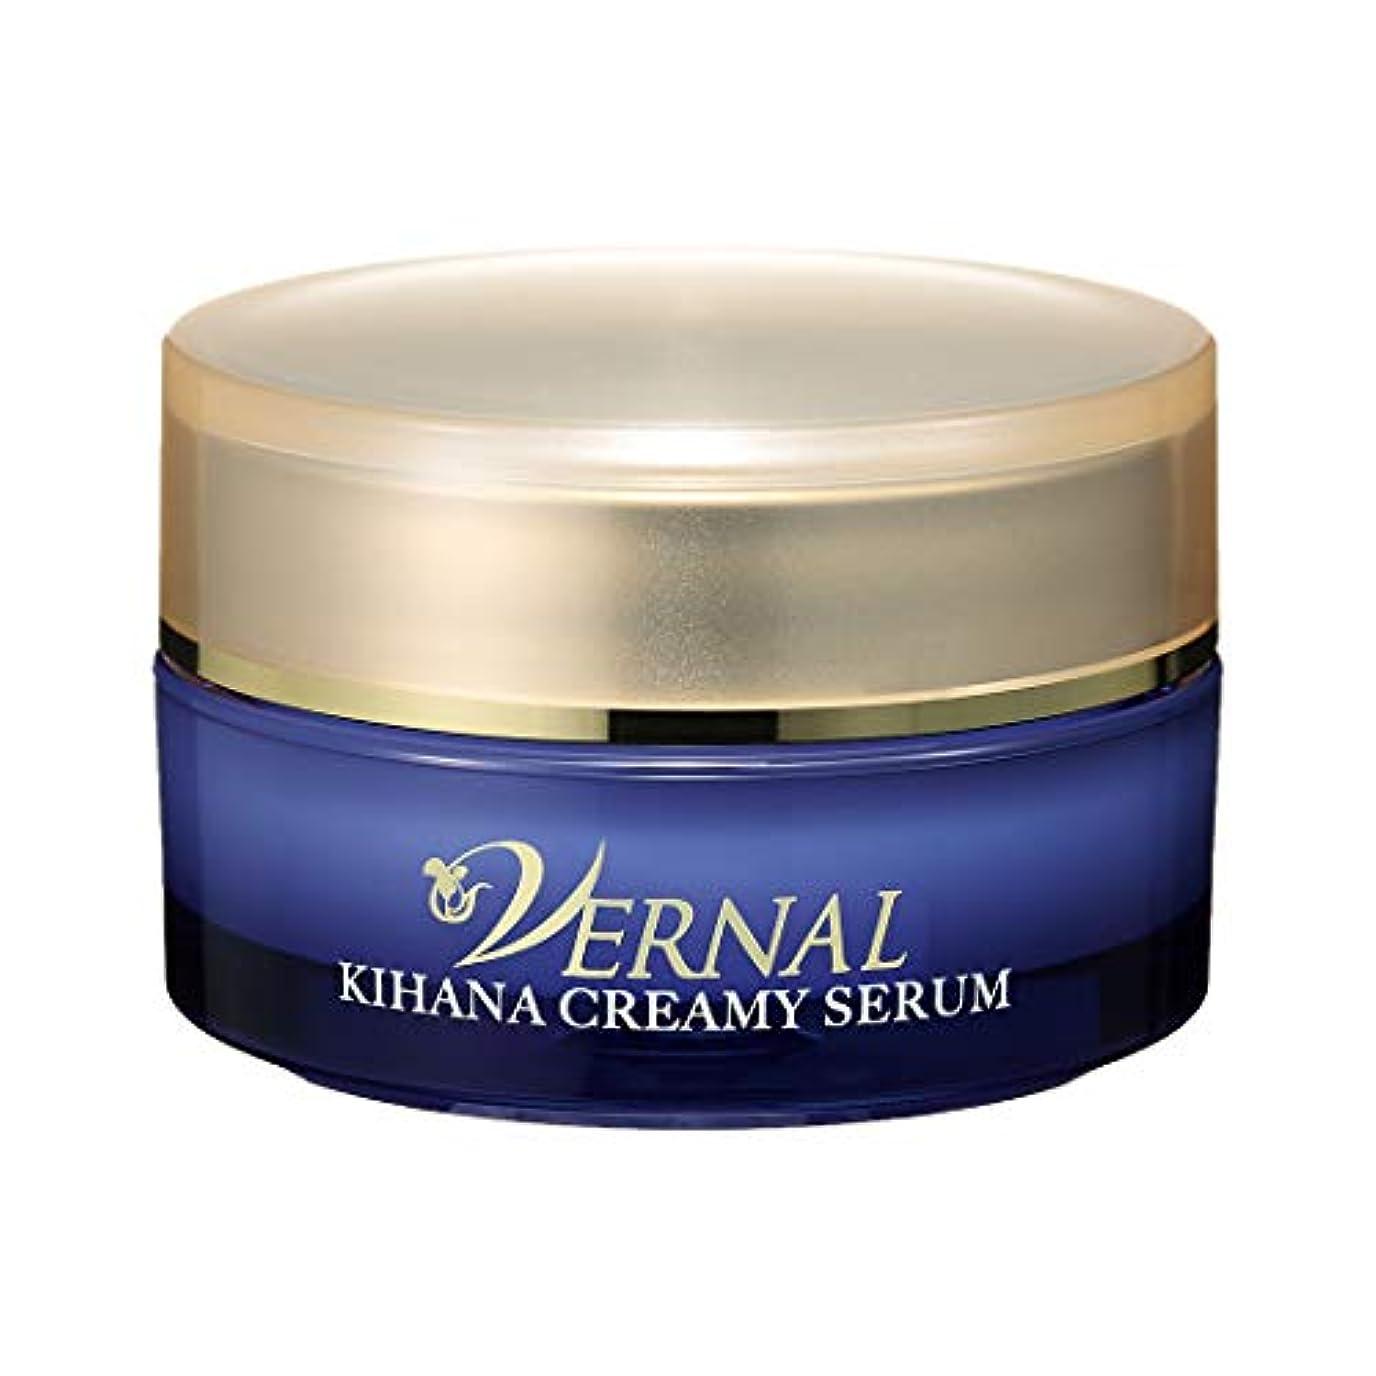 キハナクリーミーセラム 30g/ヴァーナル 美容液 美容クリーム